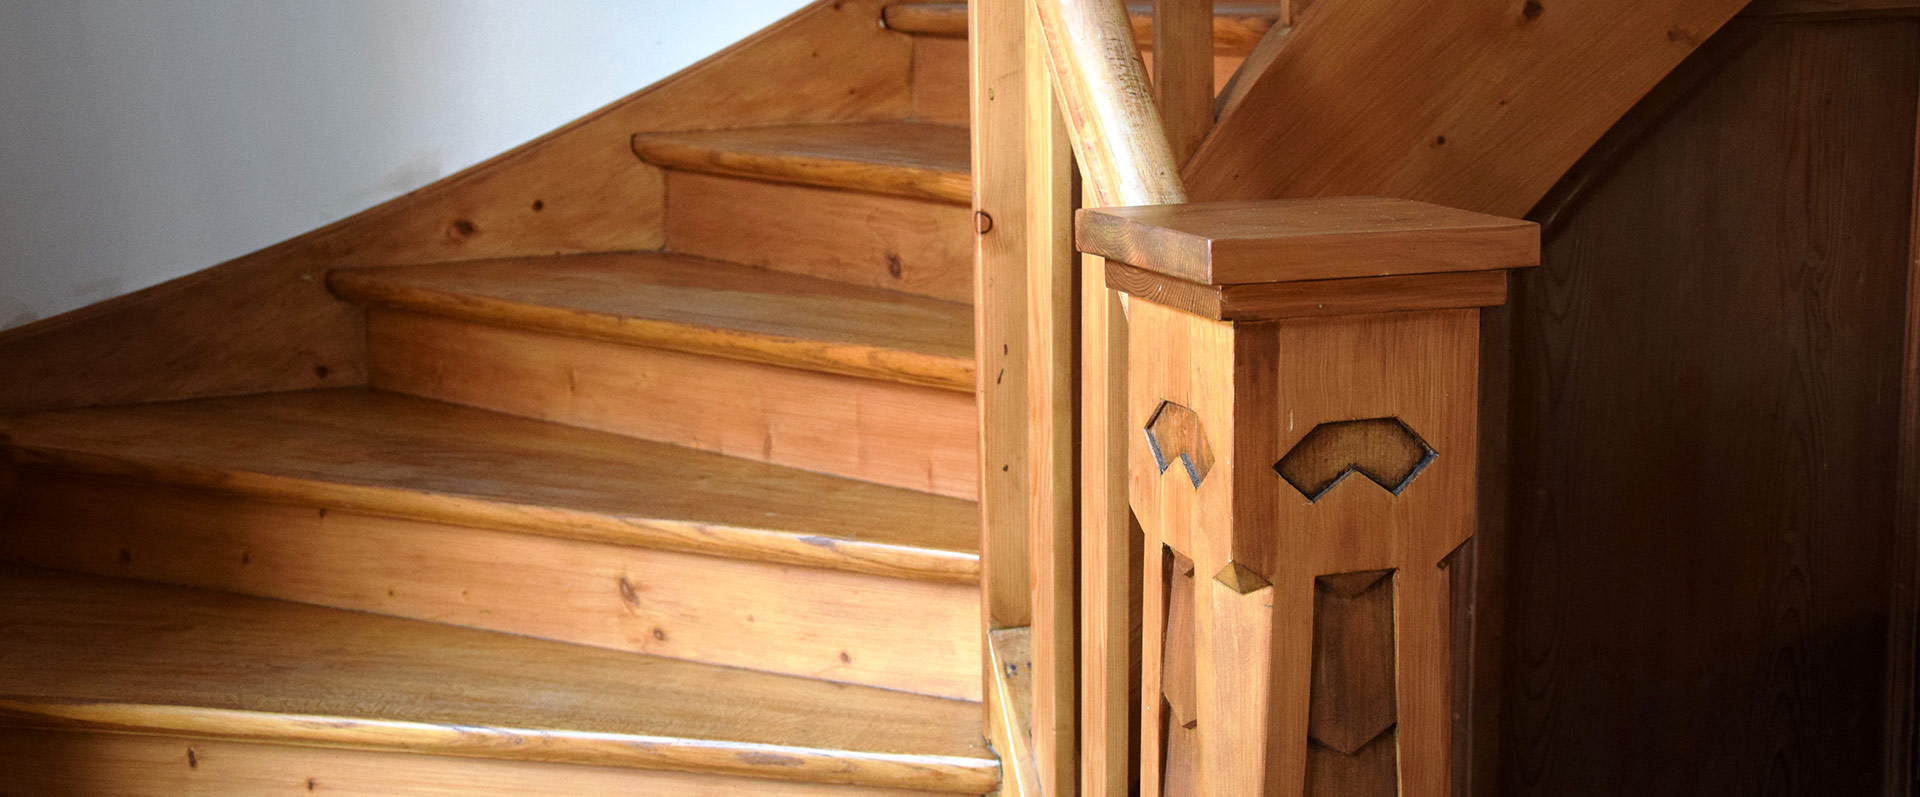 Historische Holztreppe aus dem 19. Jahrhundert | Kunststück Schreinerei München